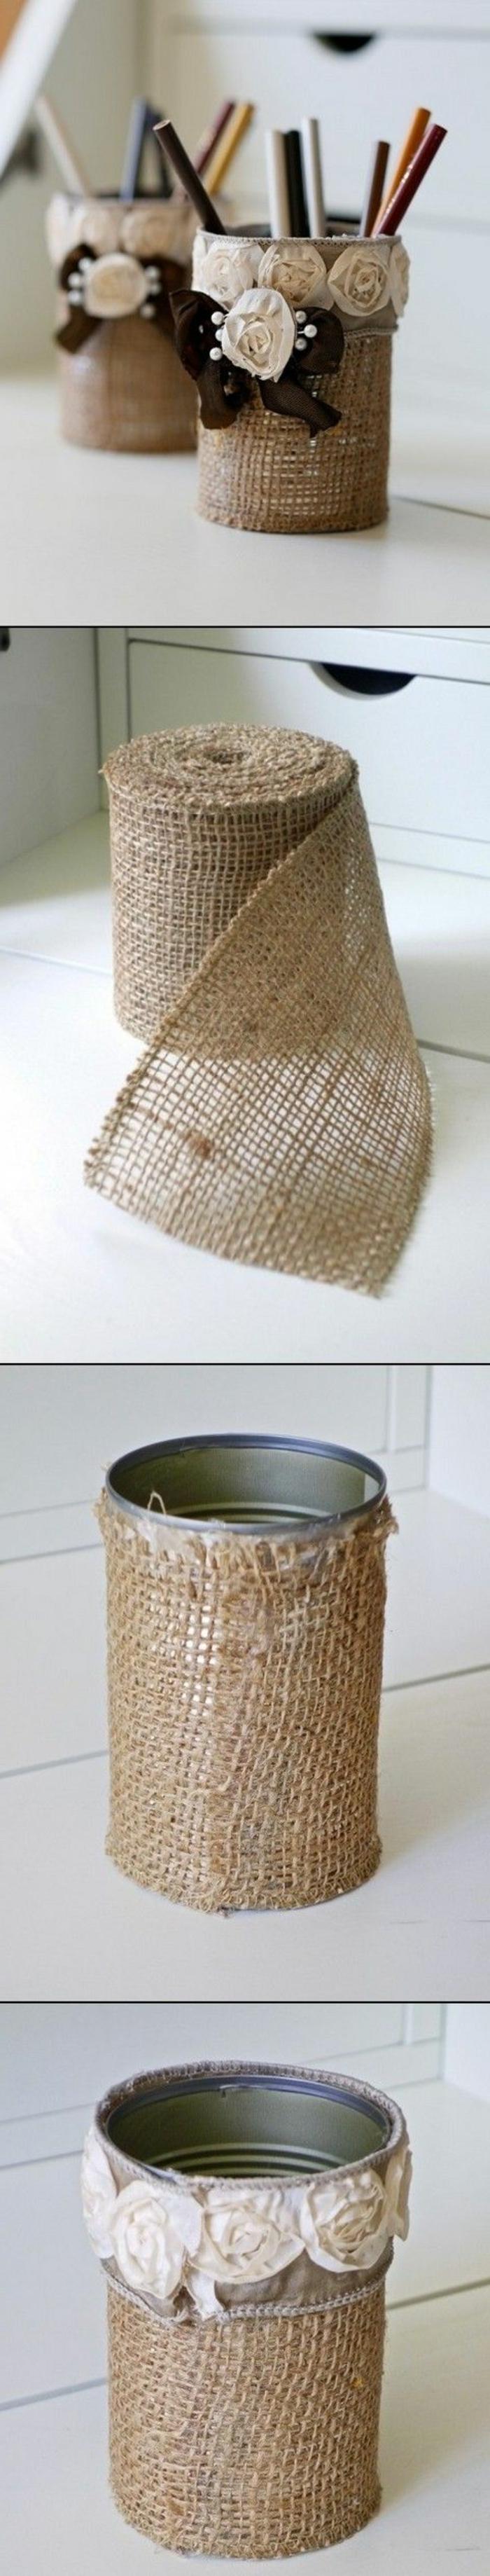 stiftenhalter selber machen aus konservendosen, bleistifte, leinenband, rosen